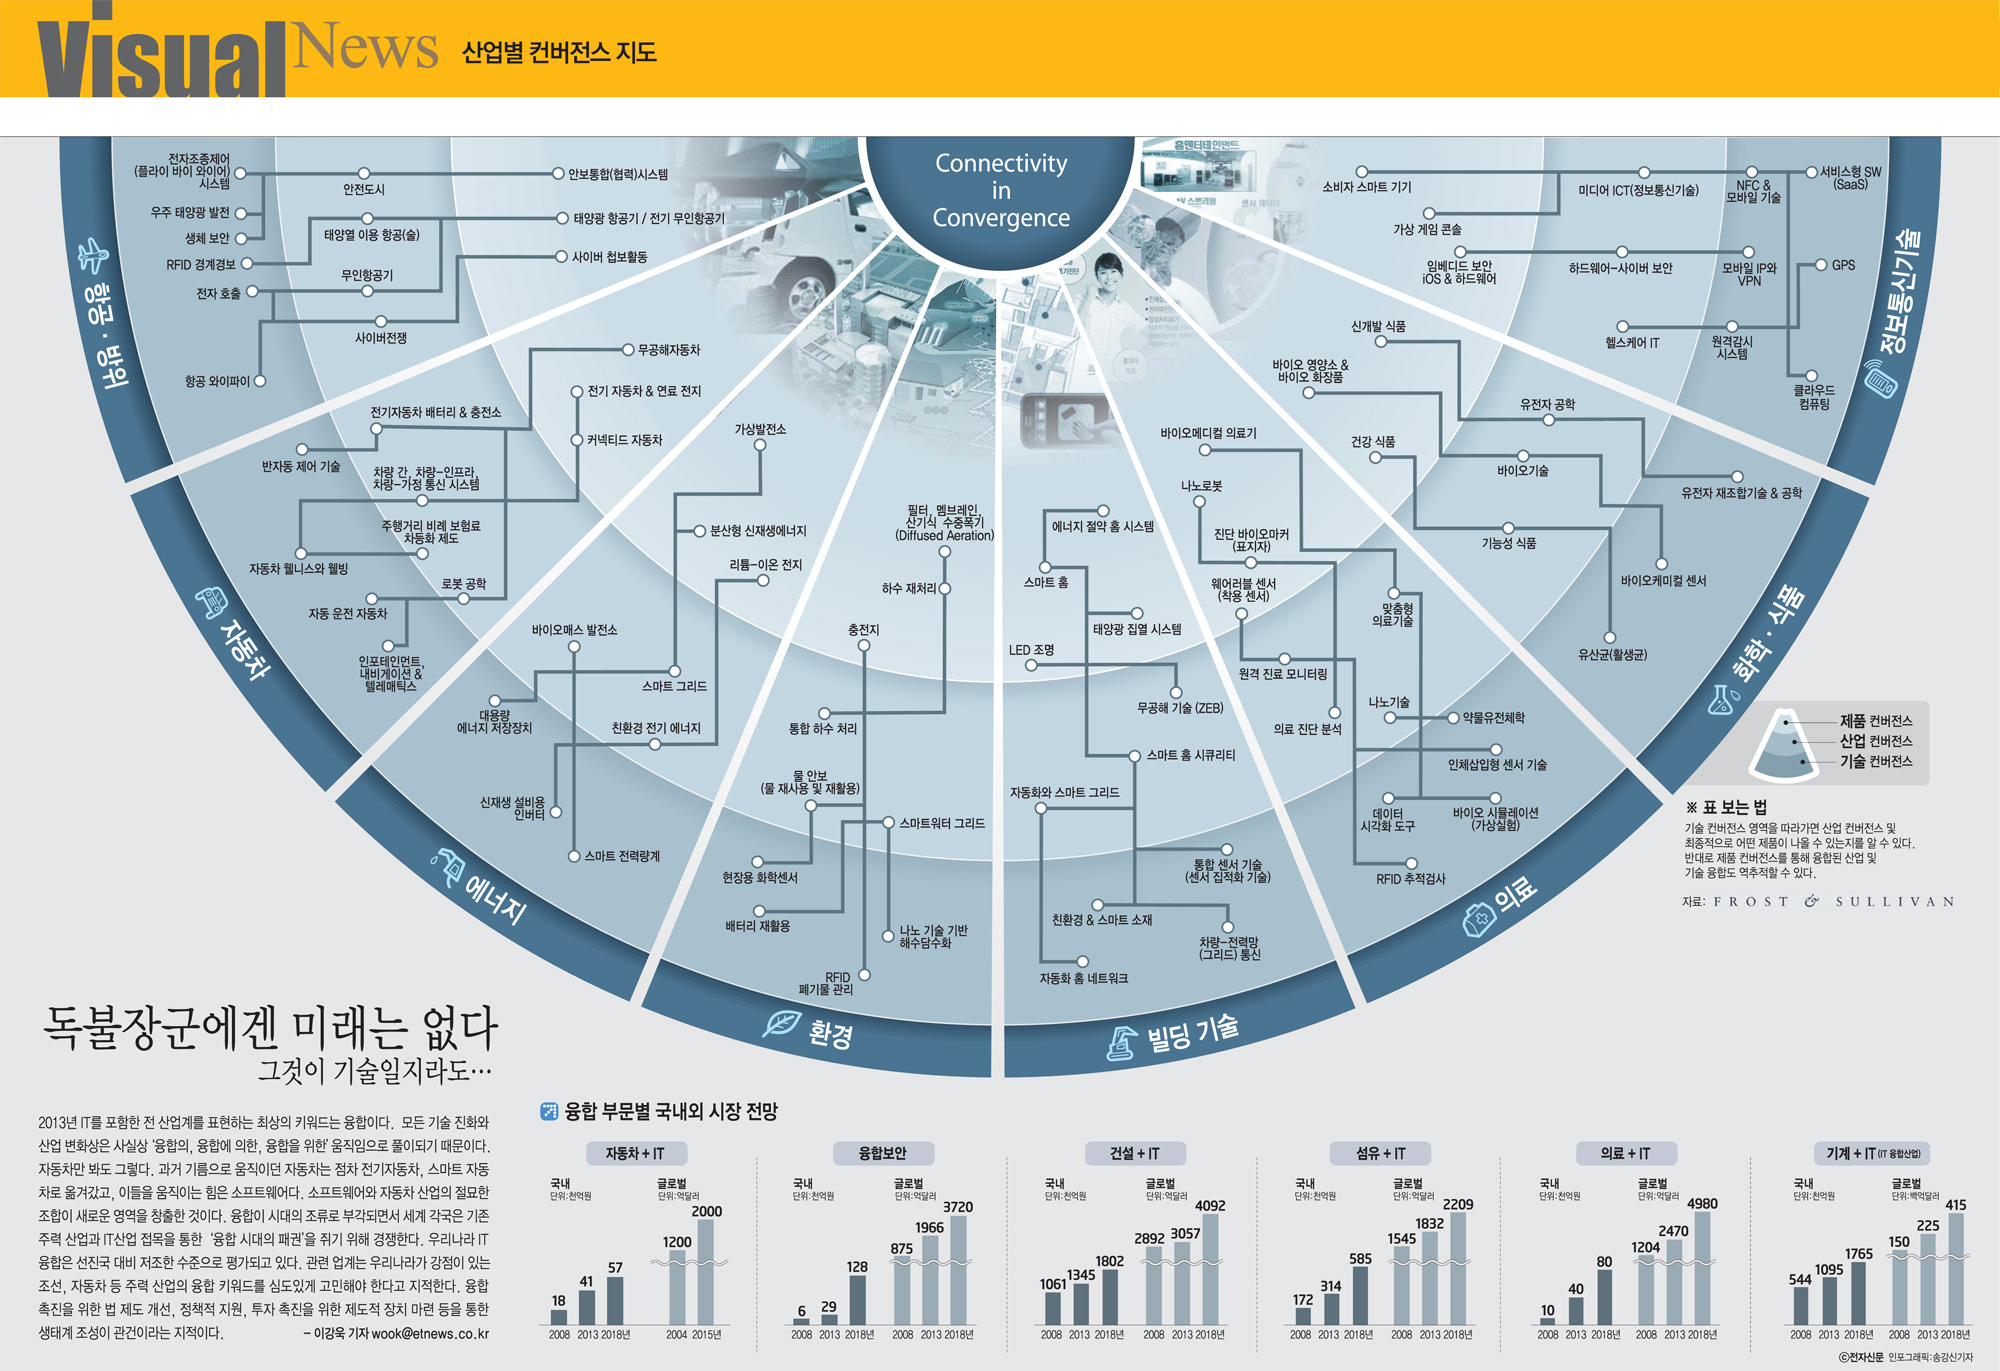 [인포그래픽]산업별 컨버전스 지도